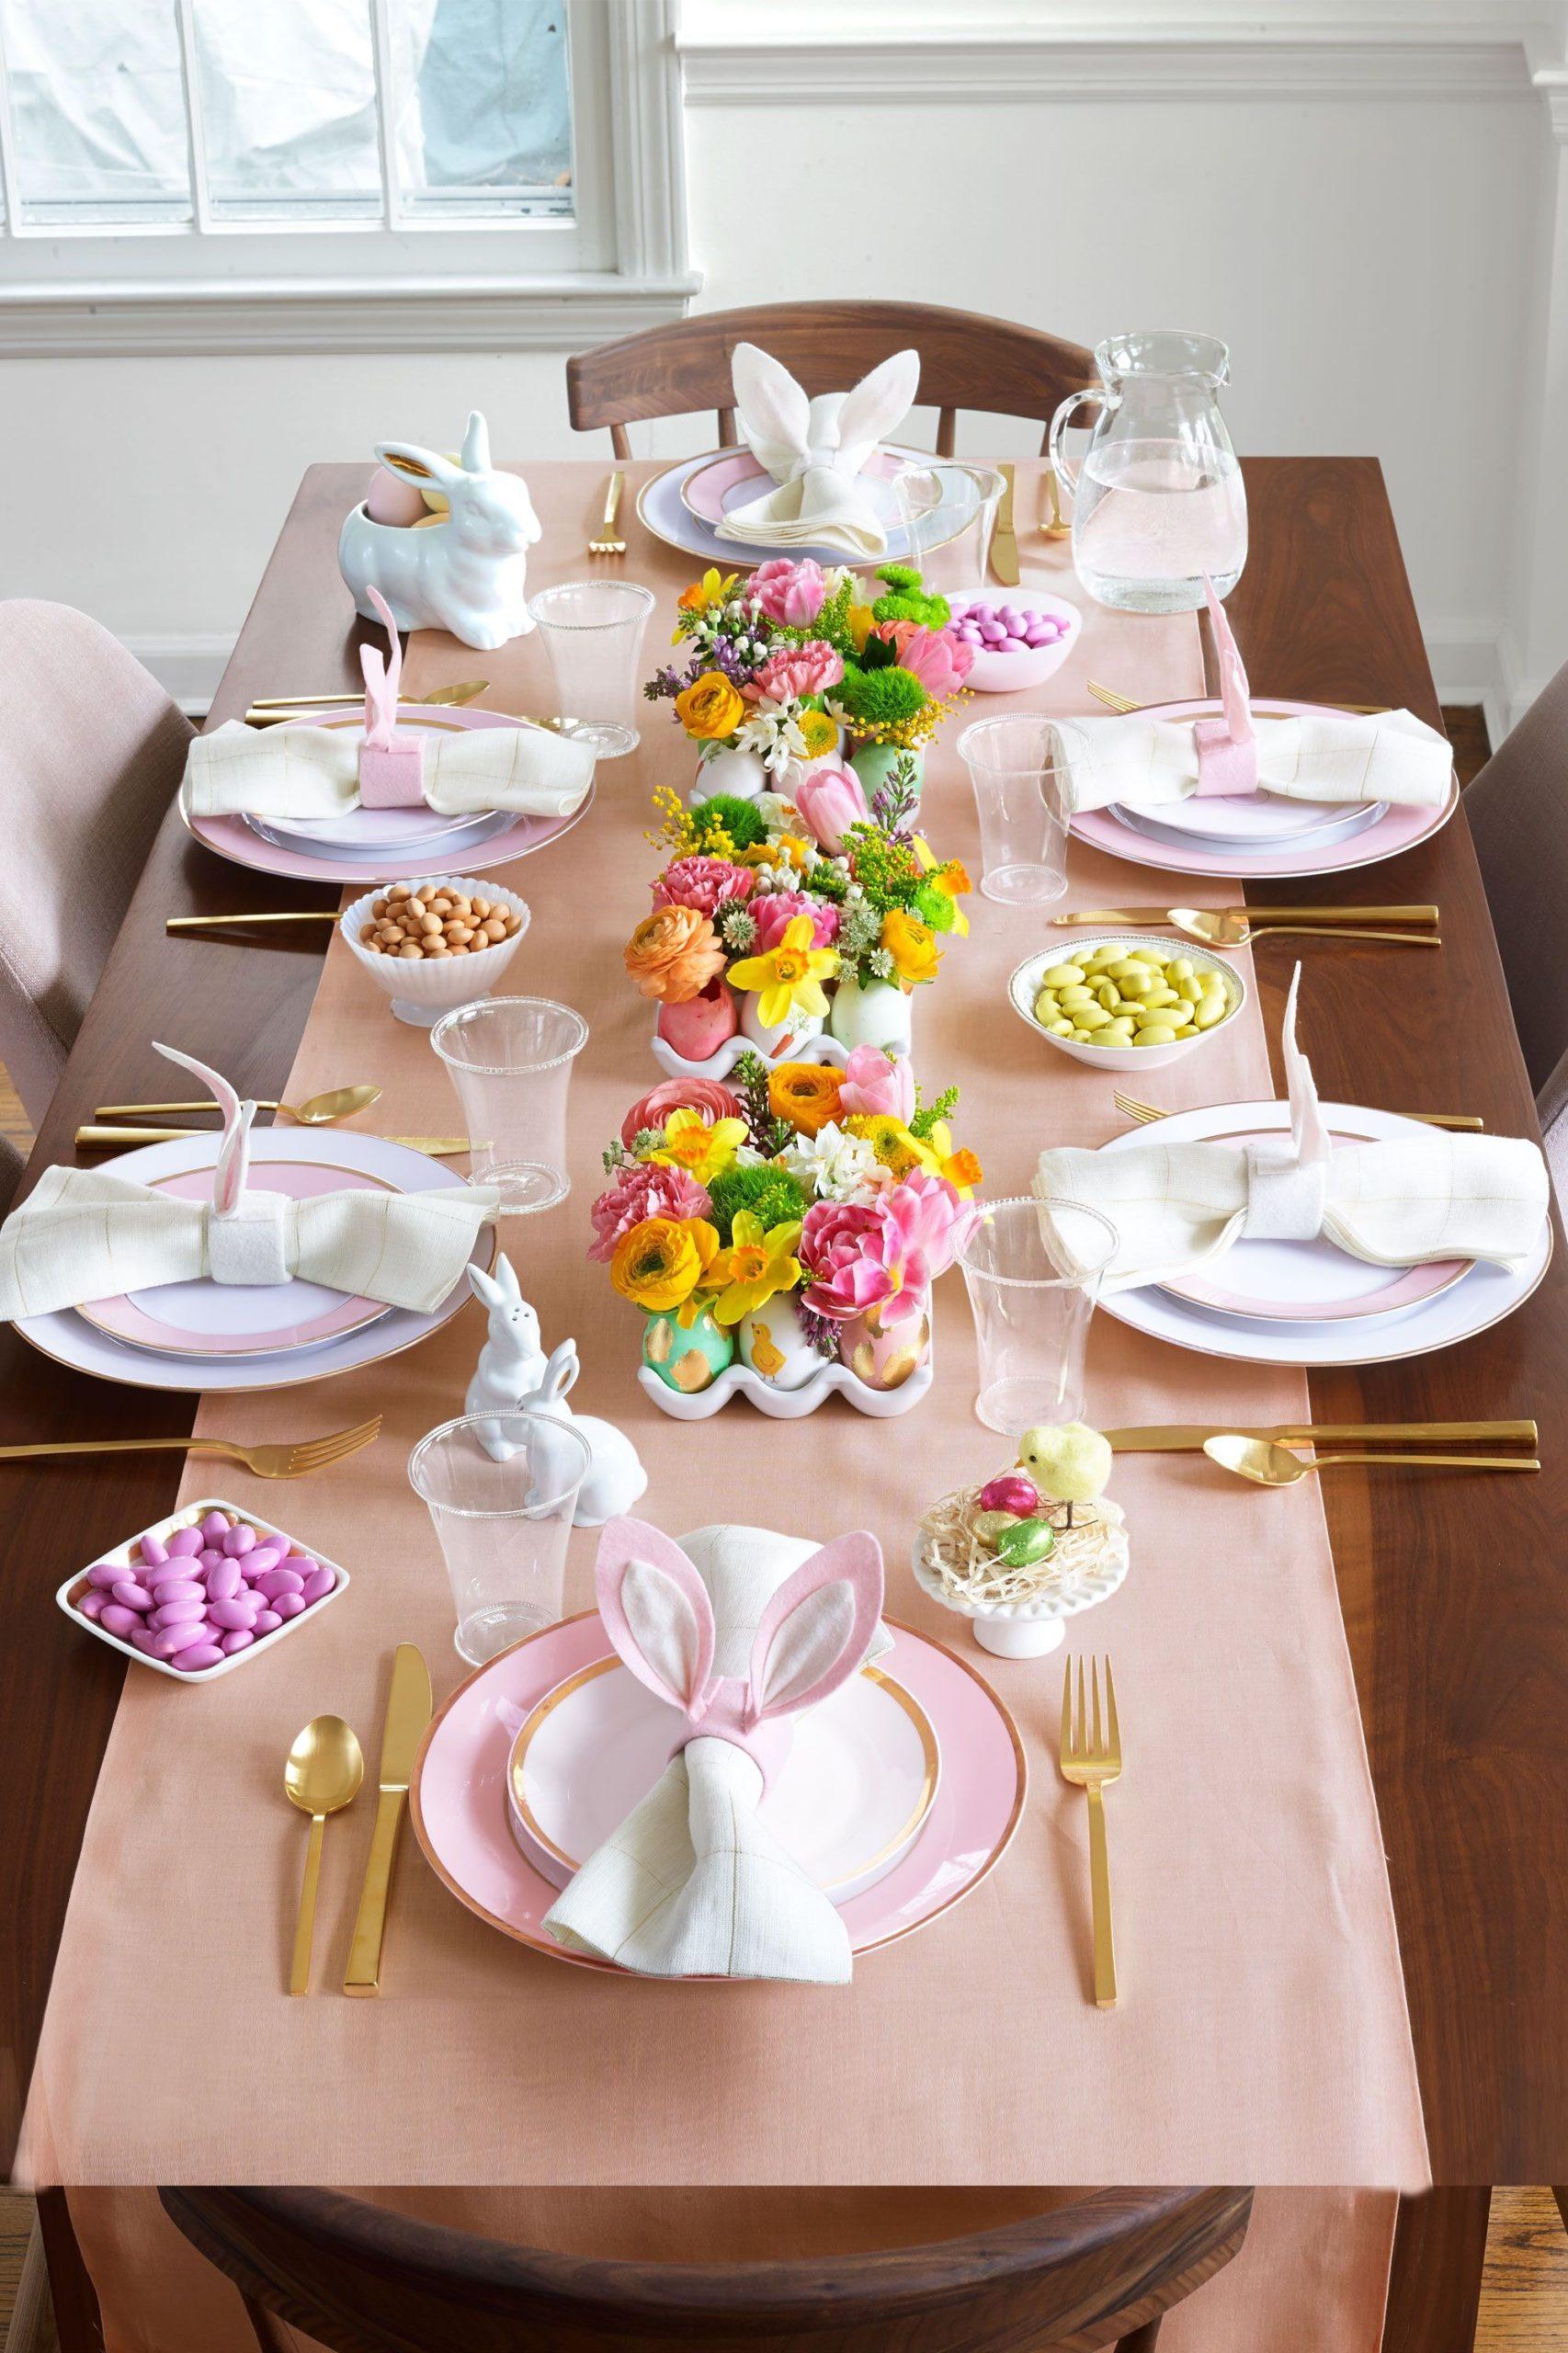 Table de Pâques festive.